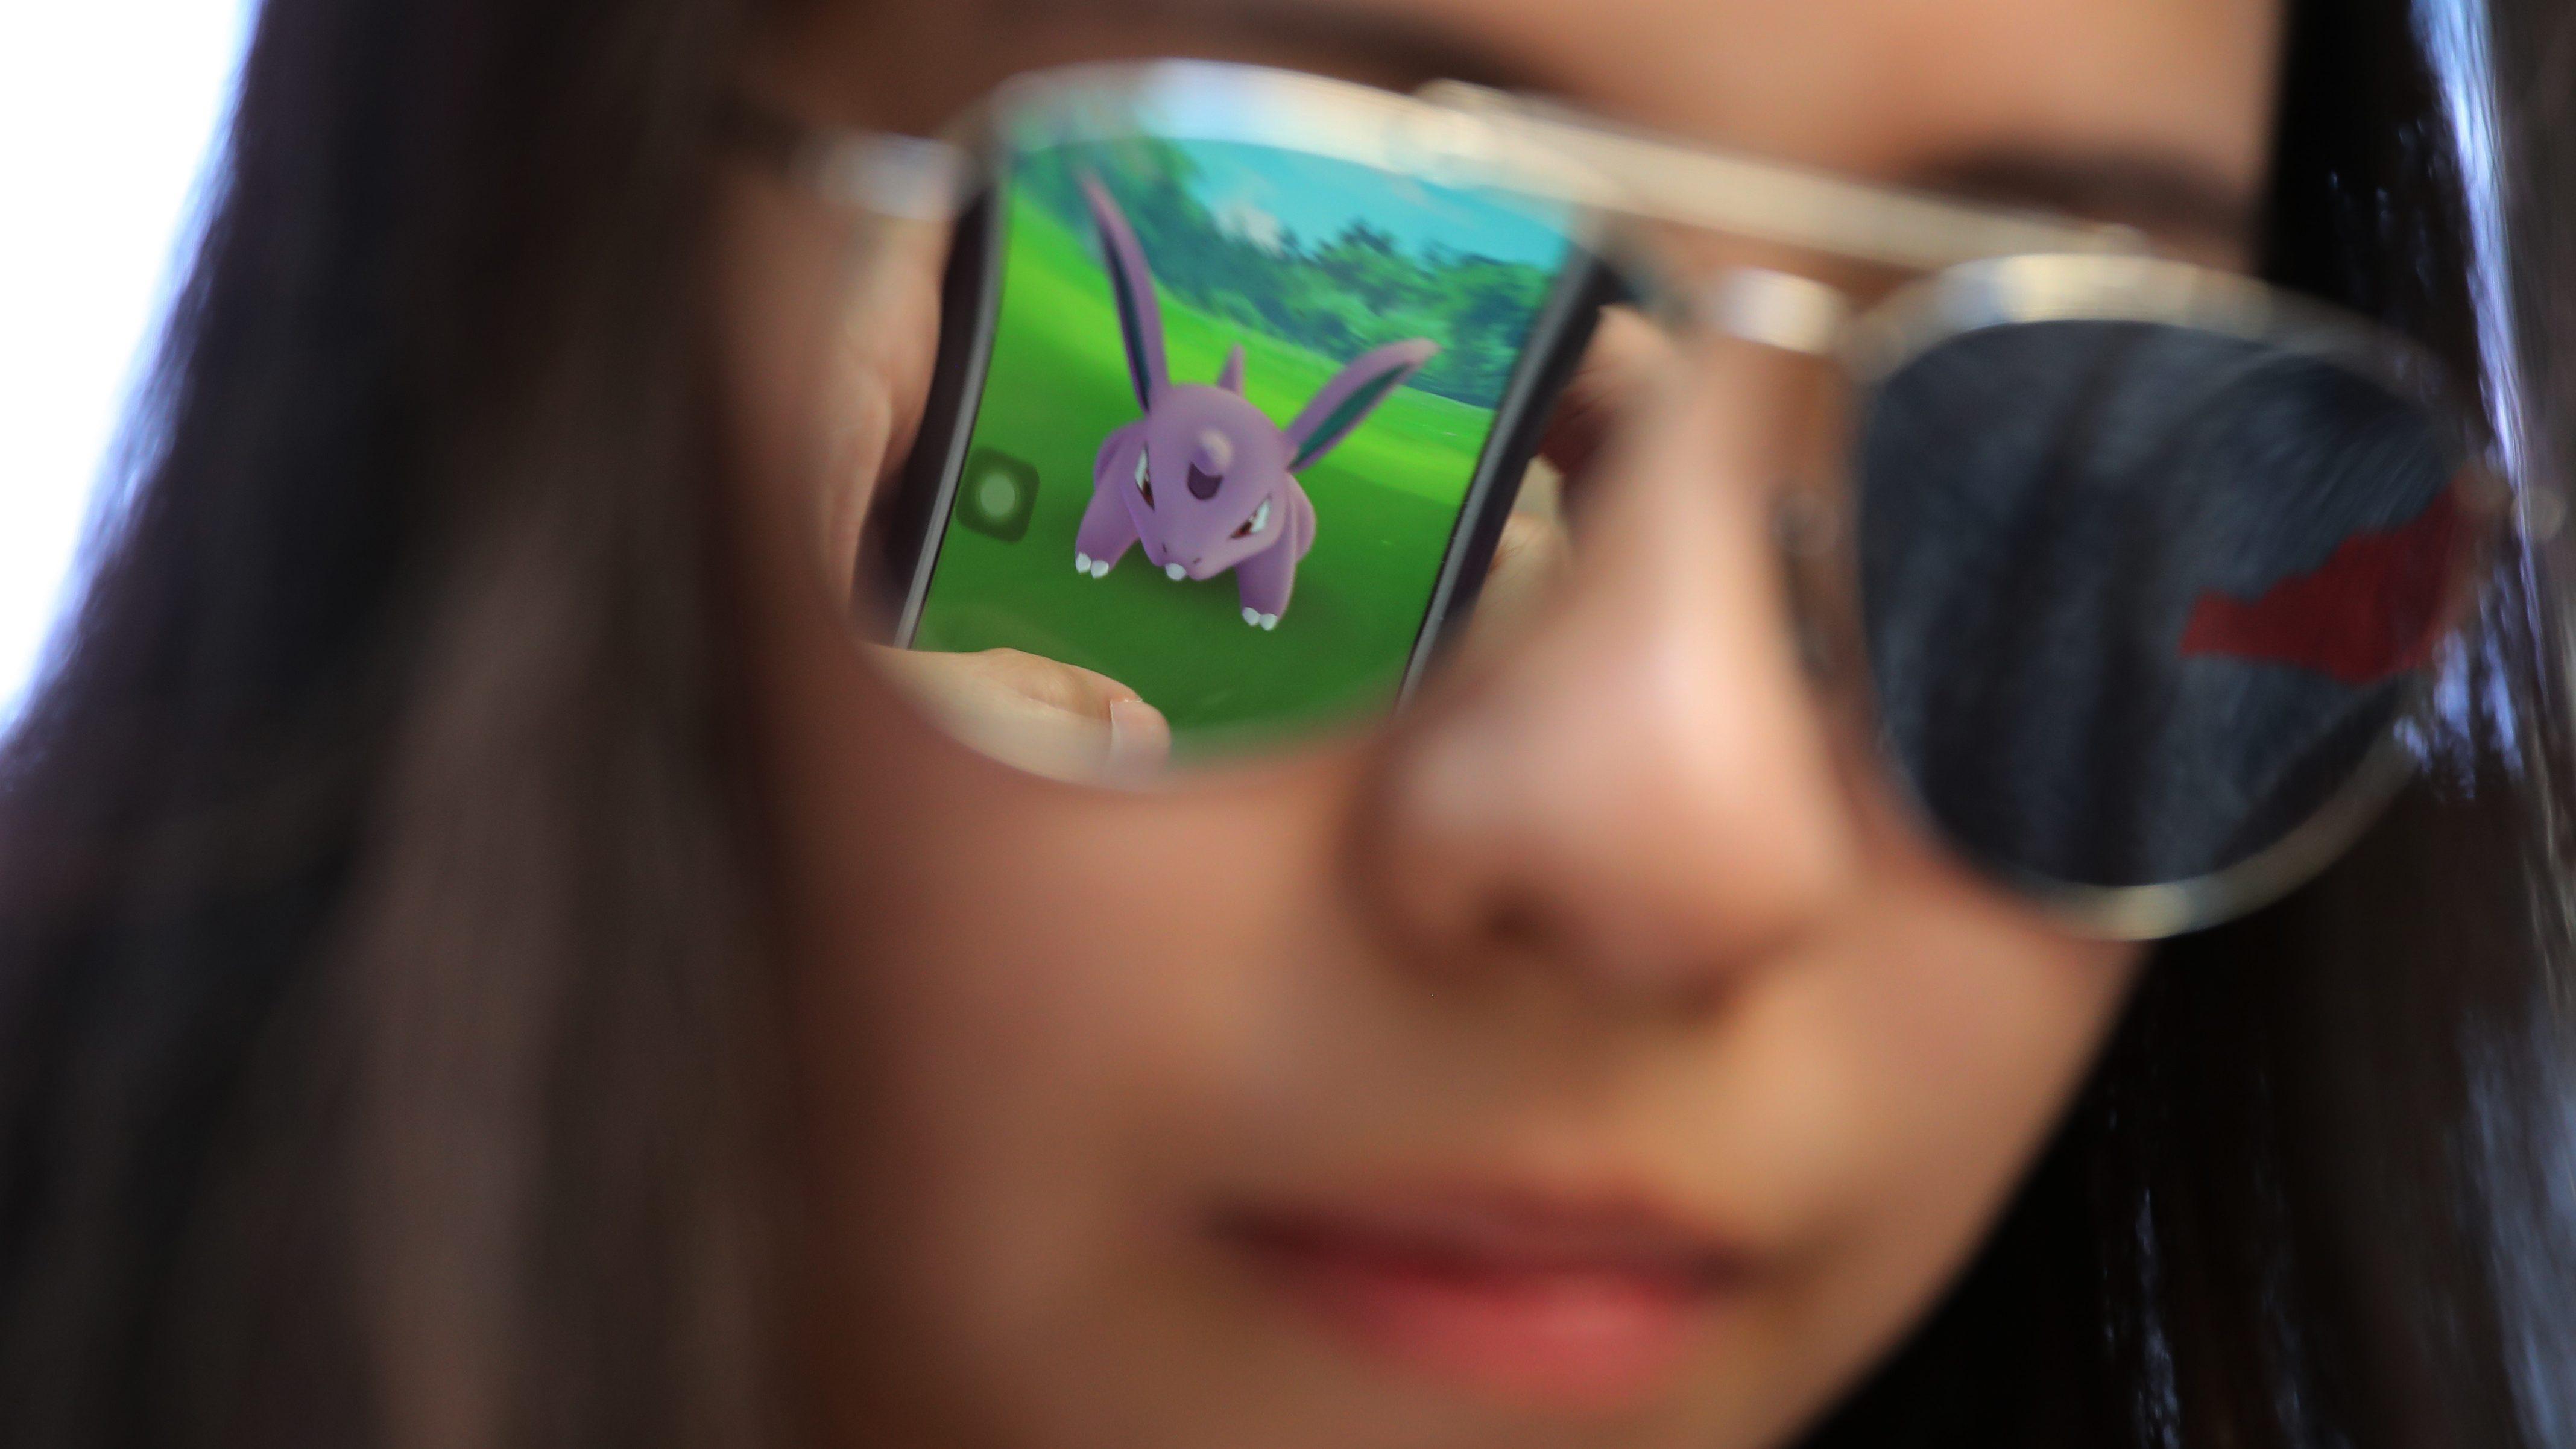 Pokemon Go reflected in sunglasses